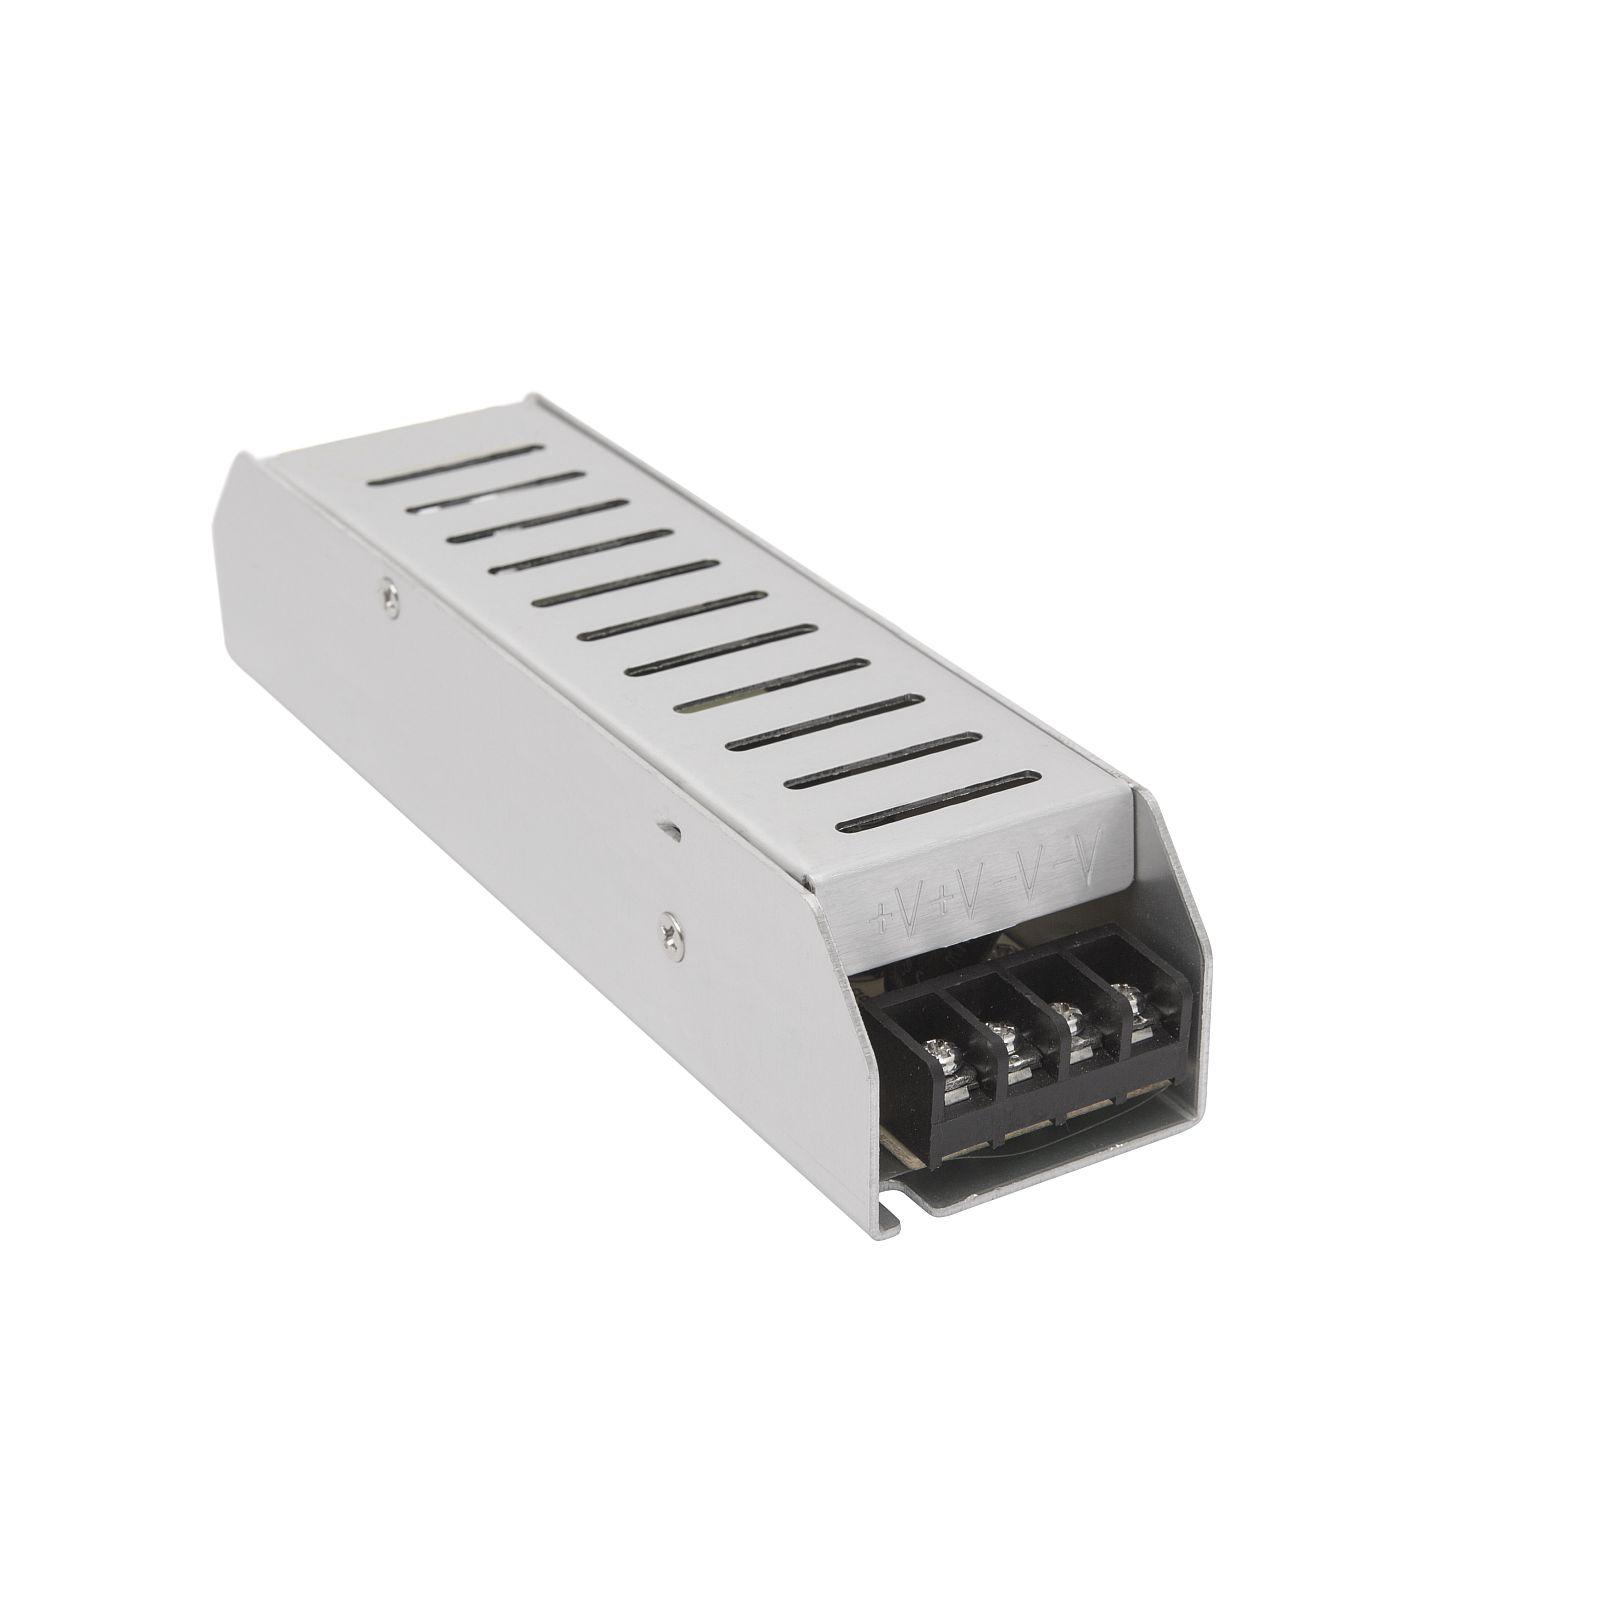 Fémházas, beépíthető, ipari tápegység 230/12 V 10 Amper